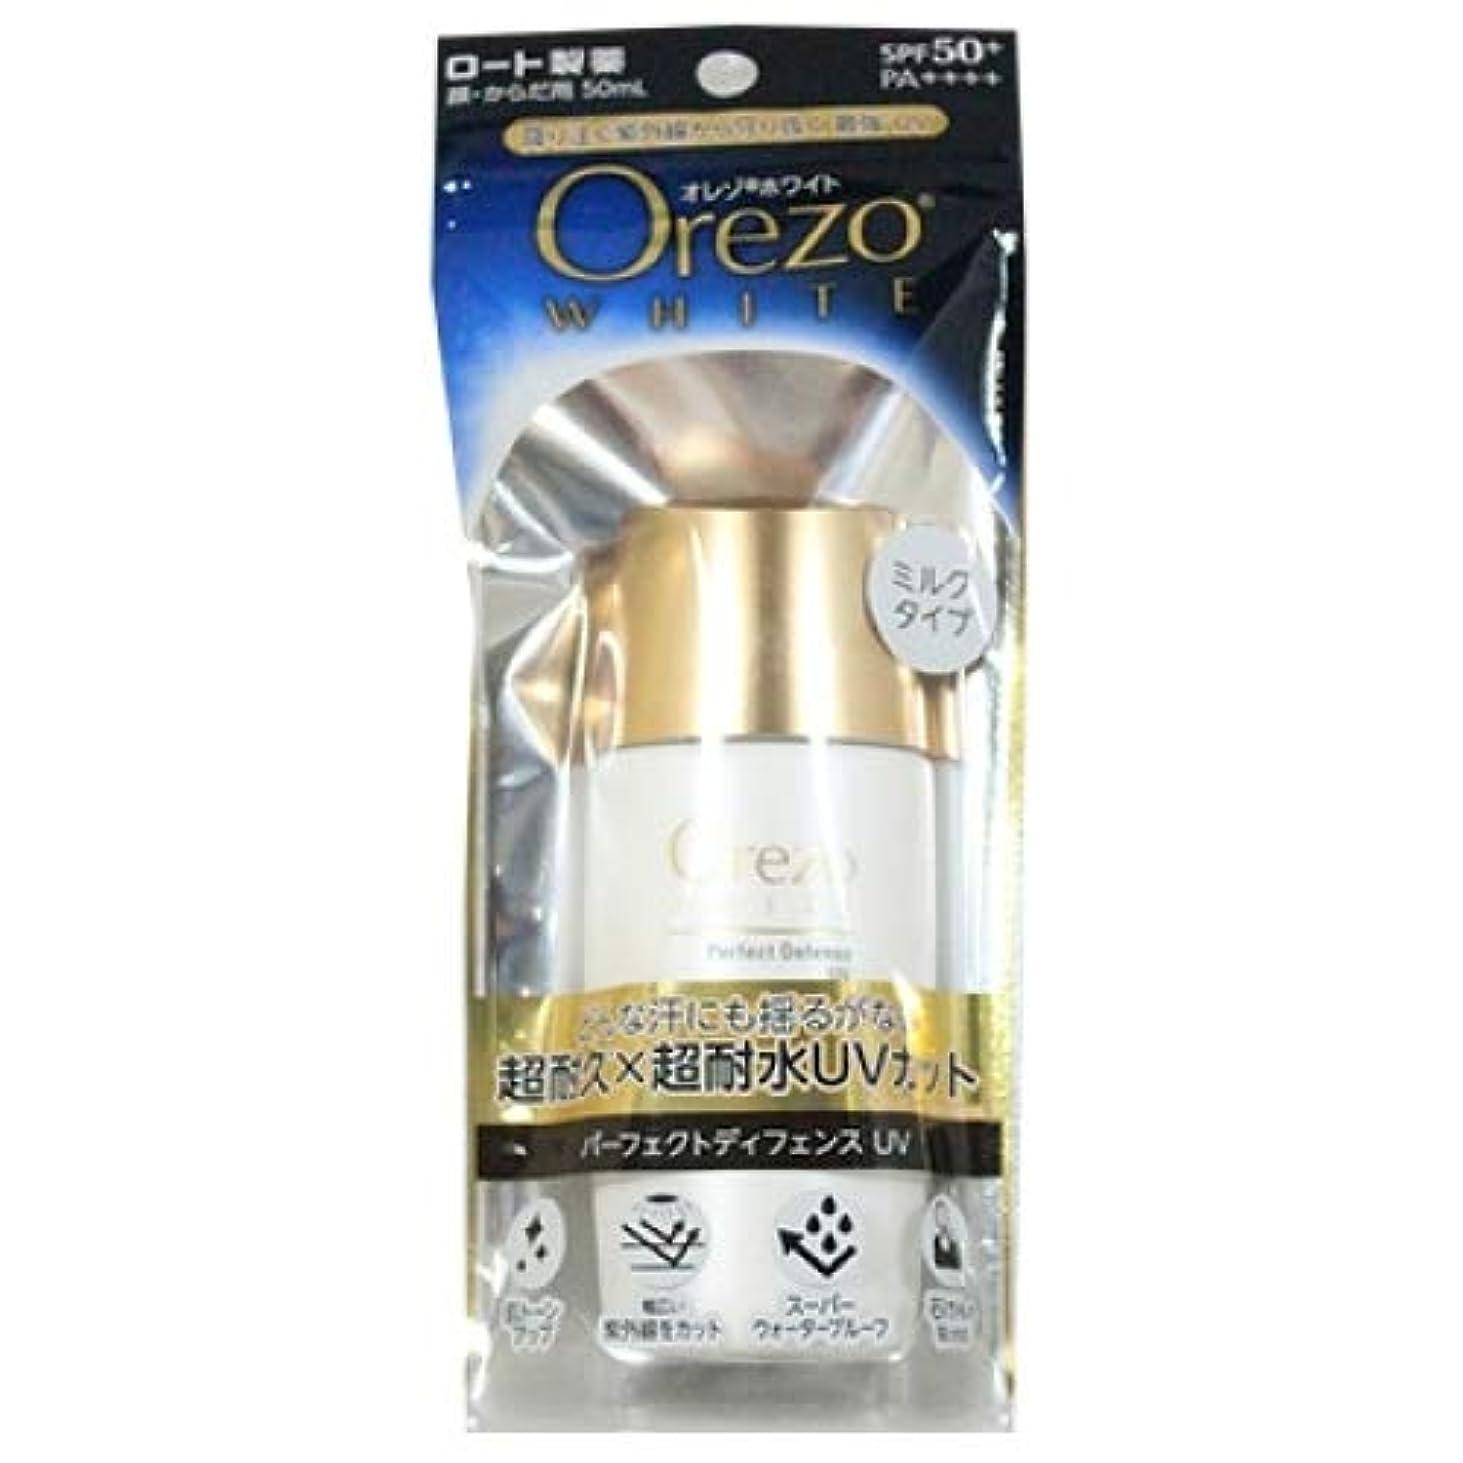 スパイ派手怒っているロート製薬 Orezo オレゾ ホワイト パーフェクトディフェンスUVa SPF50+ PA++++ (50mL)